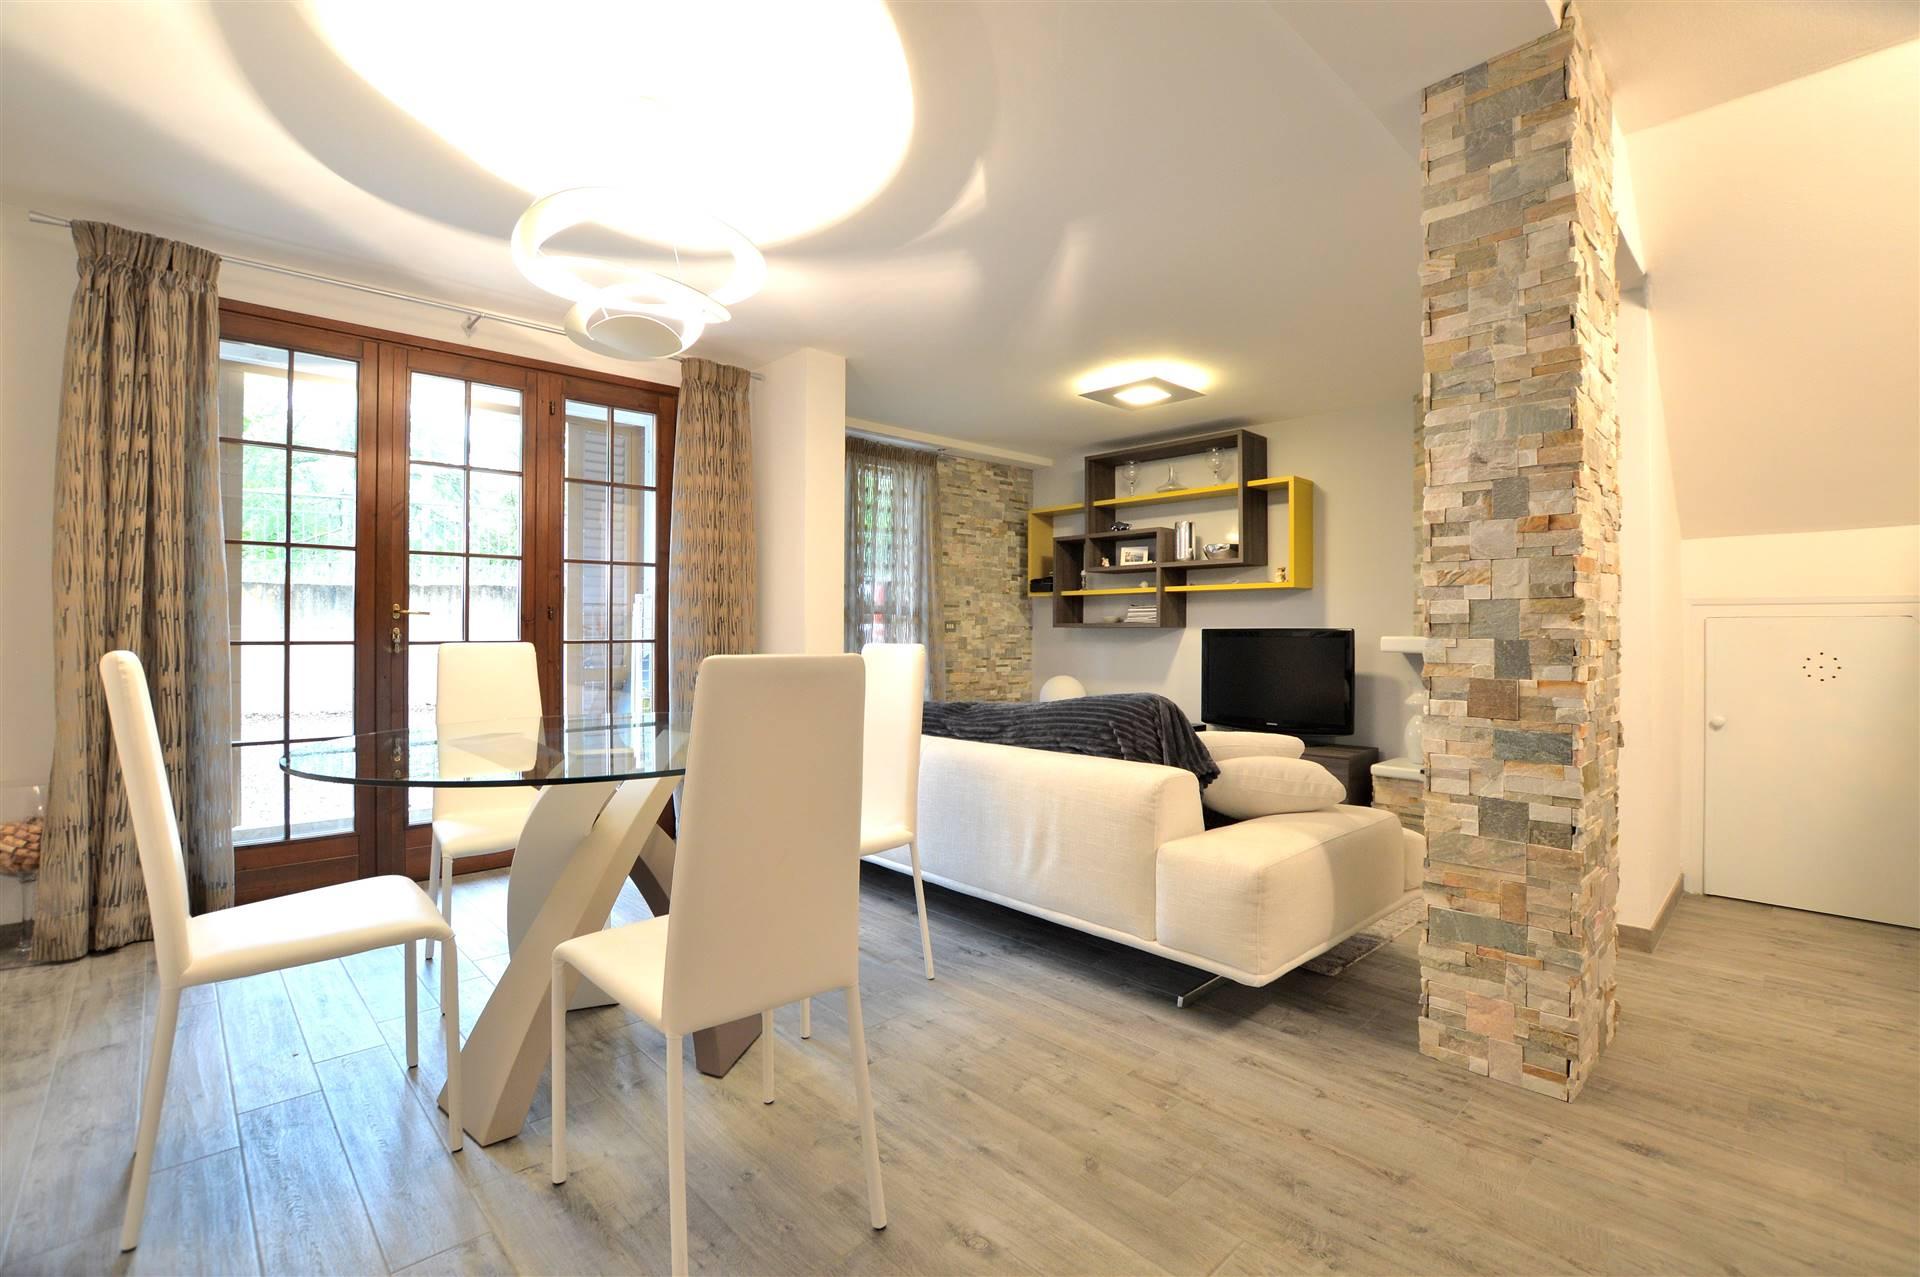 Isola d'Arbia, a pochi minuti da Siena in piacevole contesto residenziale, proponiamo appartamento completamente e finemente ristrutturato di ca. 75